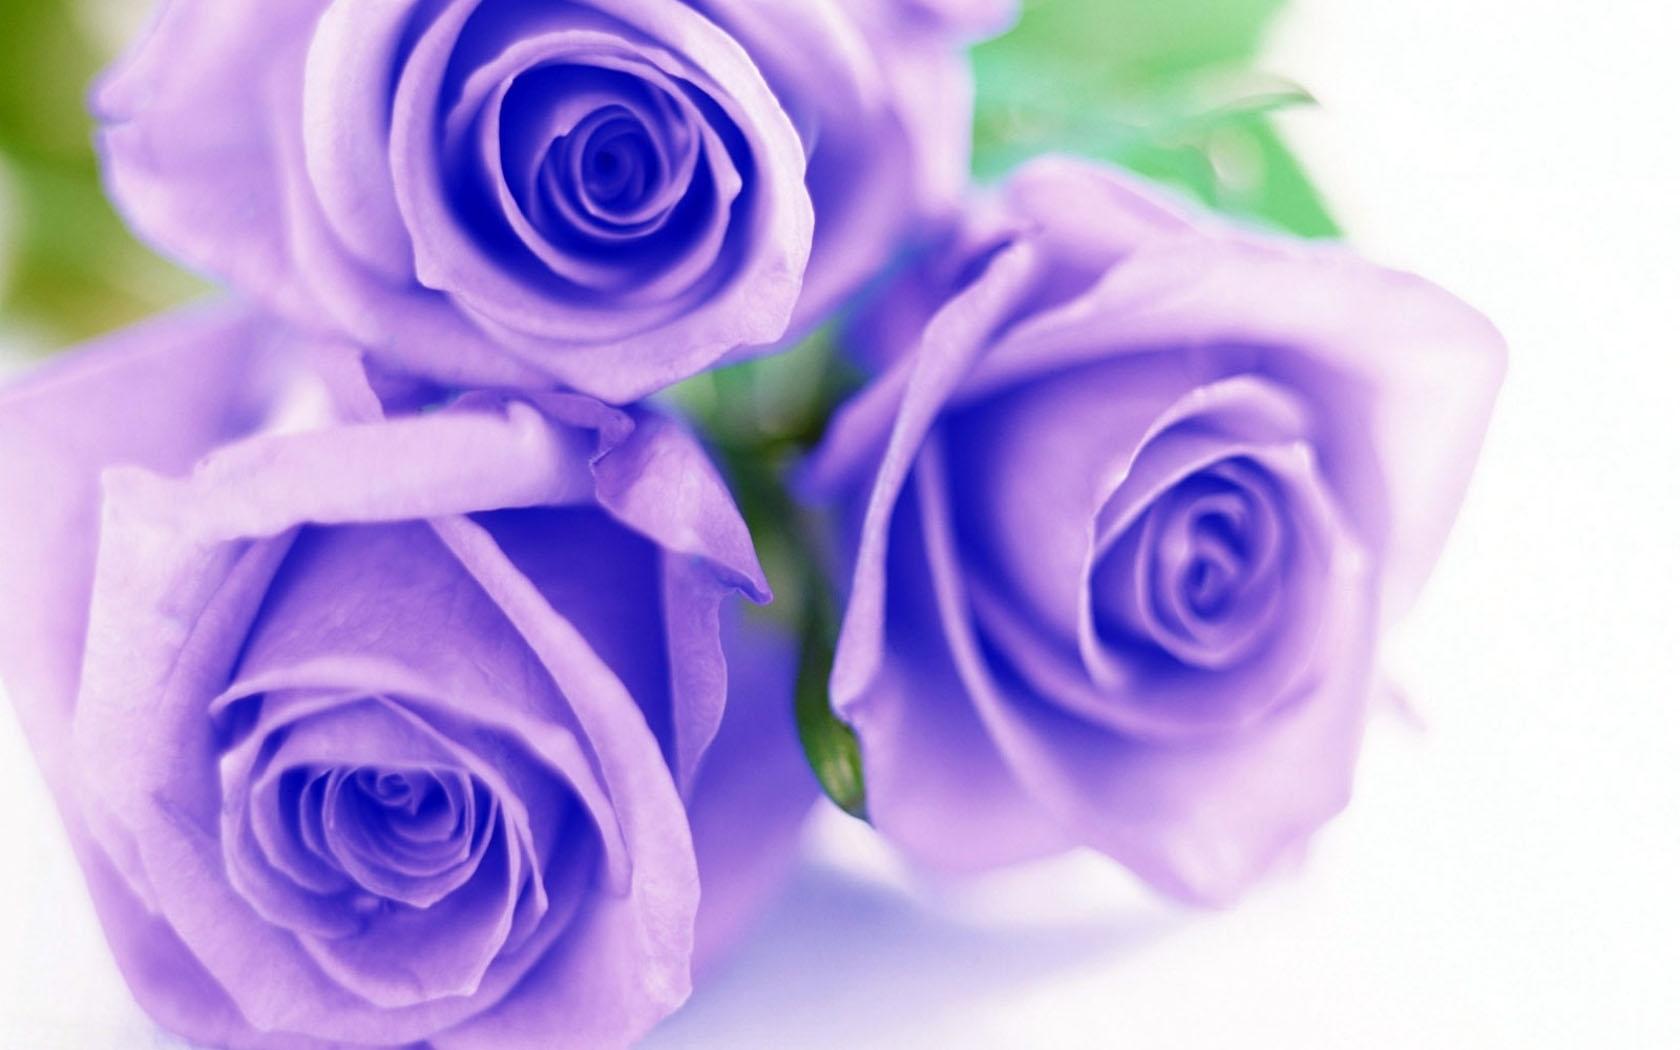 фото сиреневых цветов: